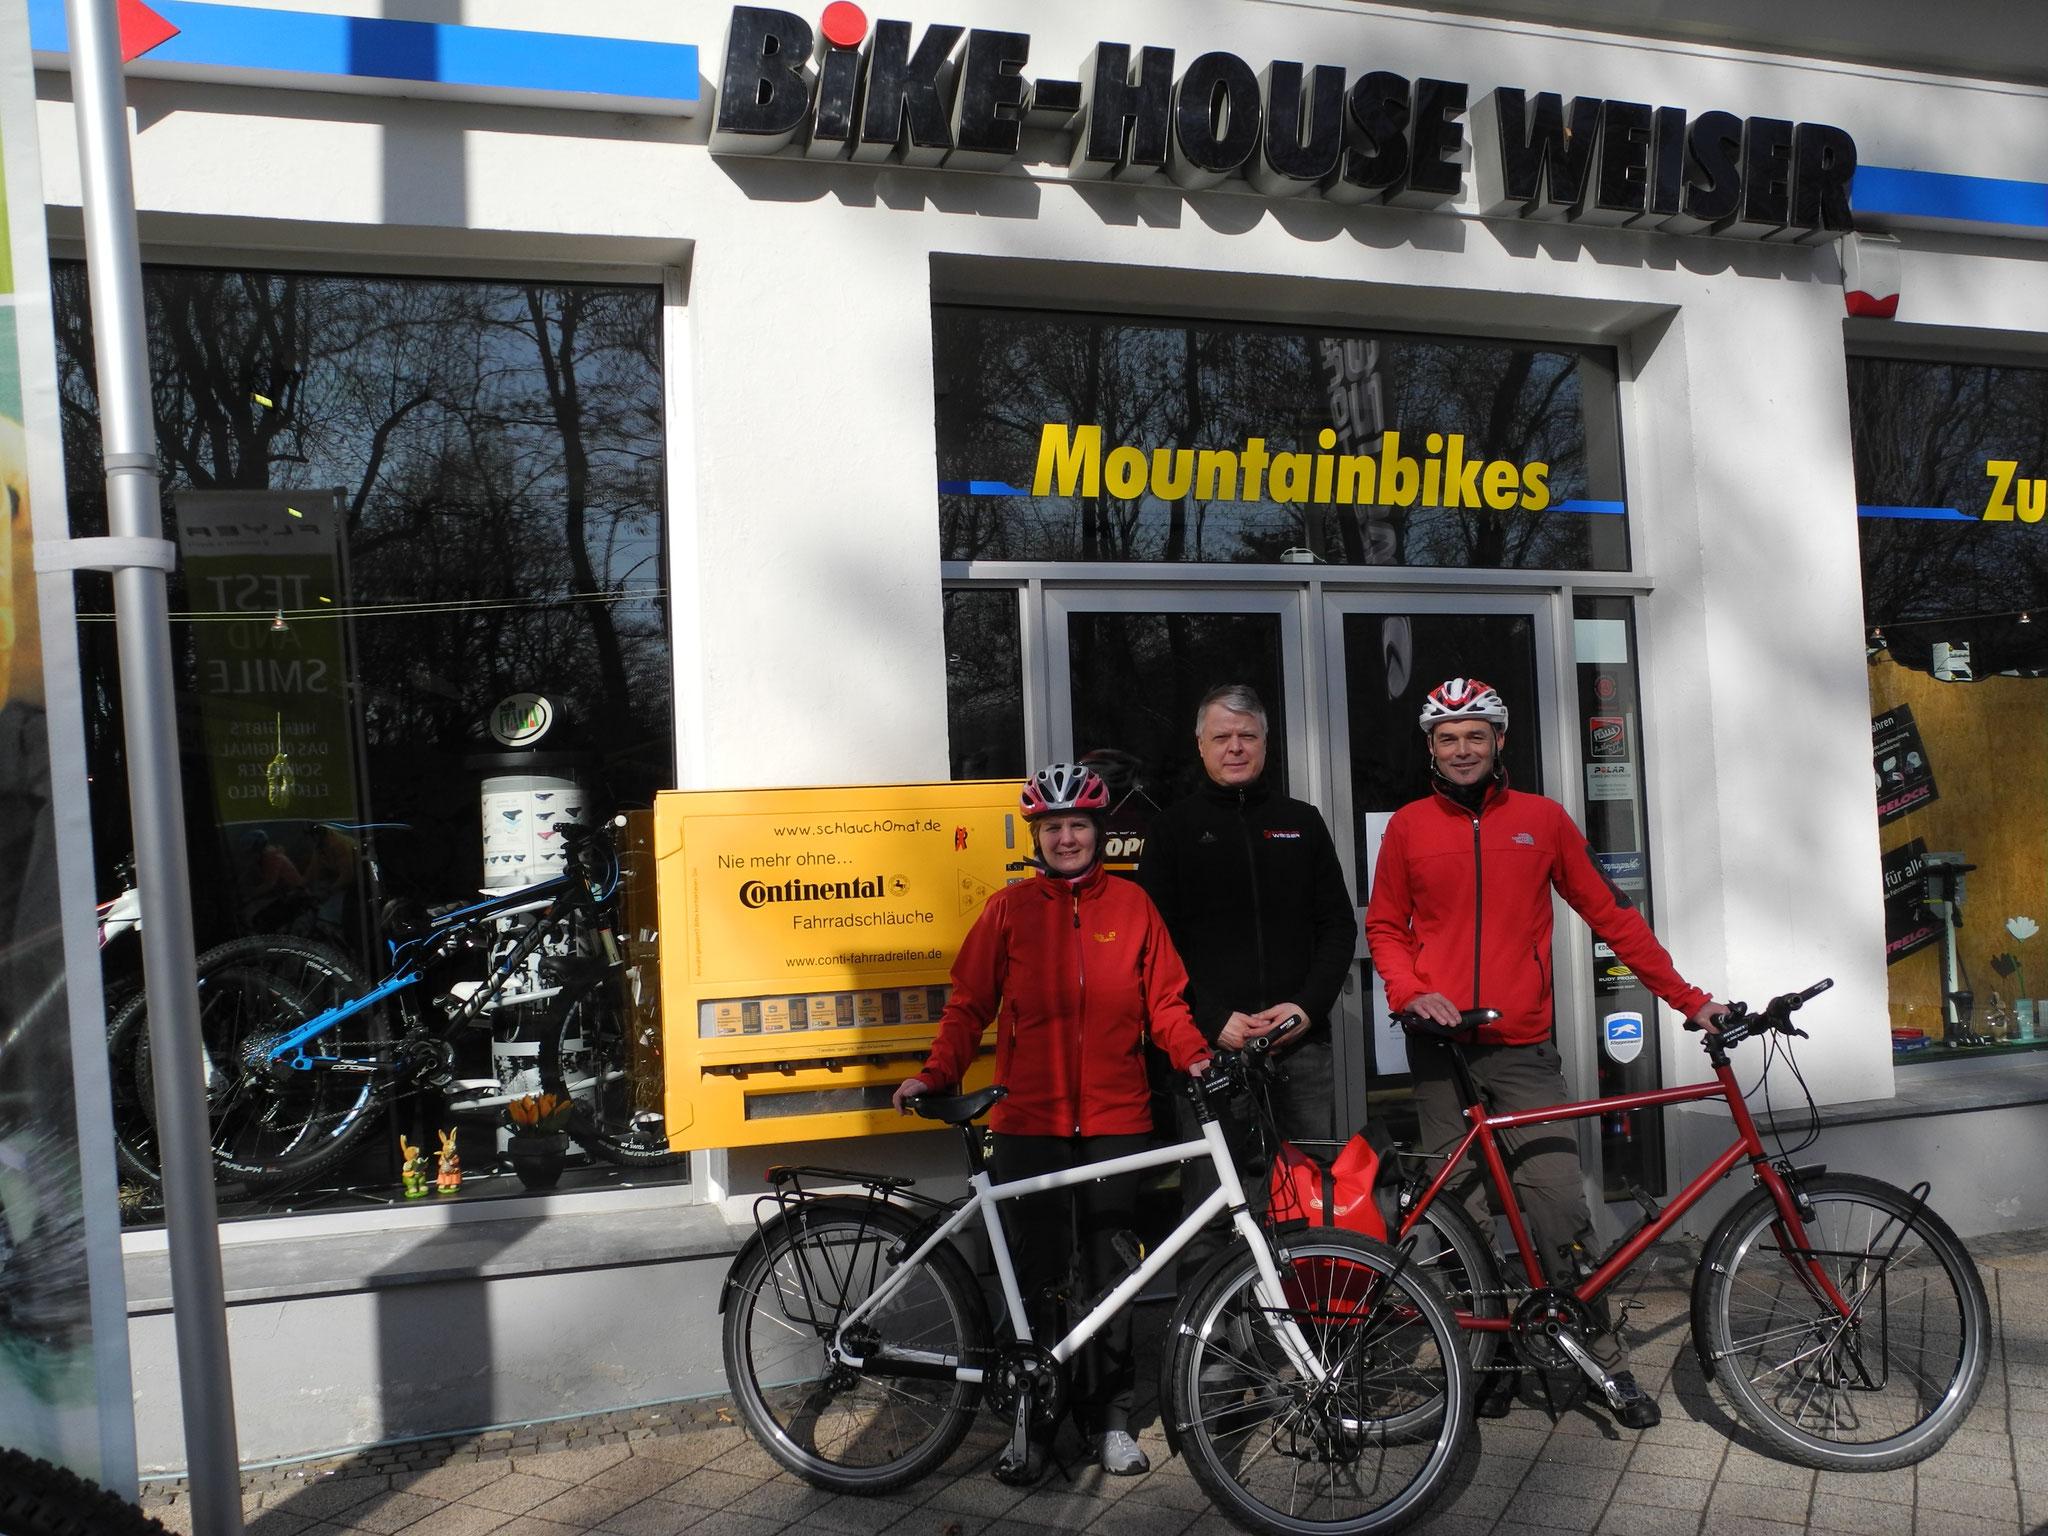 Unsere Reiseräder - gebaut vom Bike-House-Weiser Gera